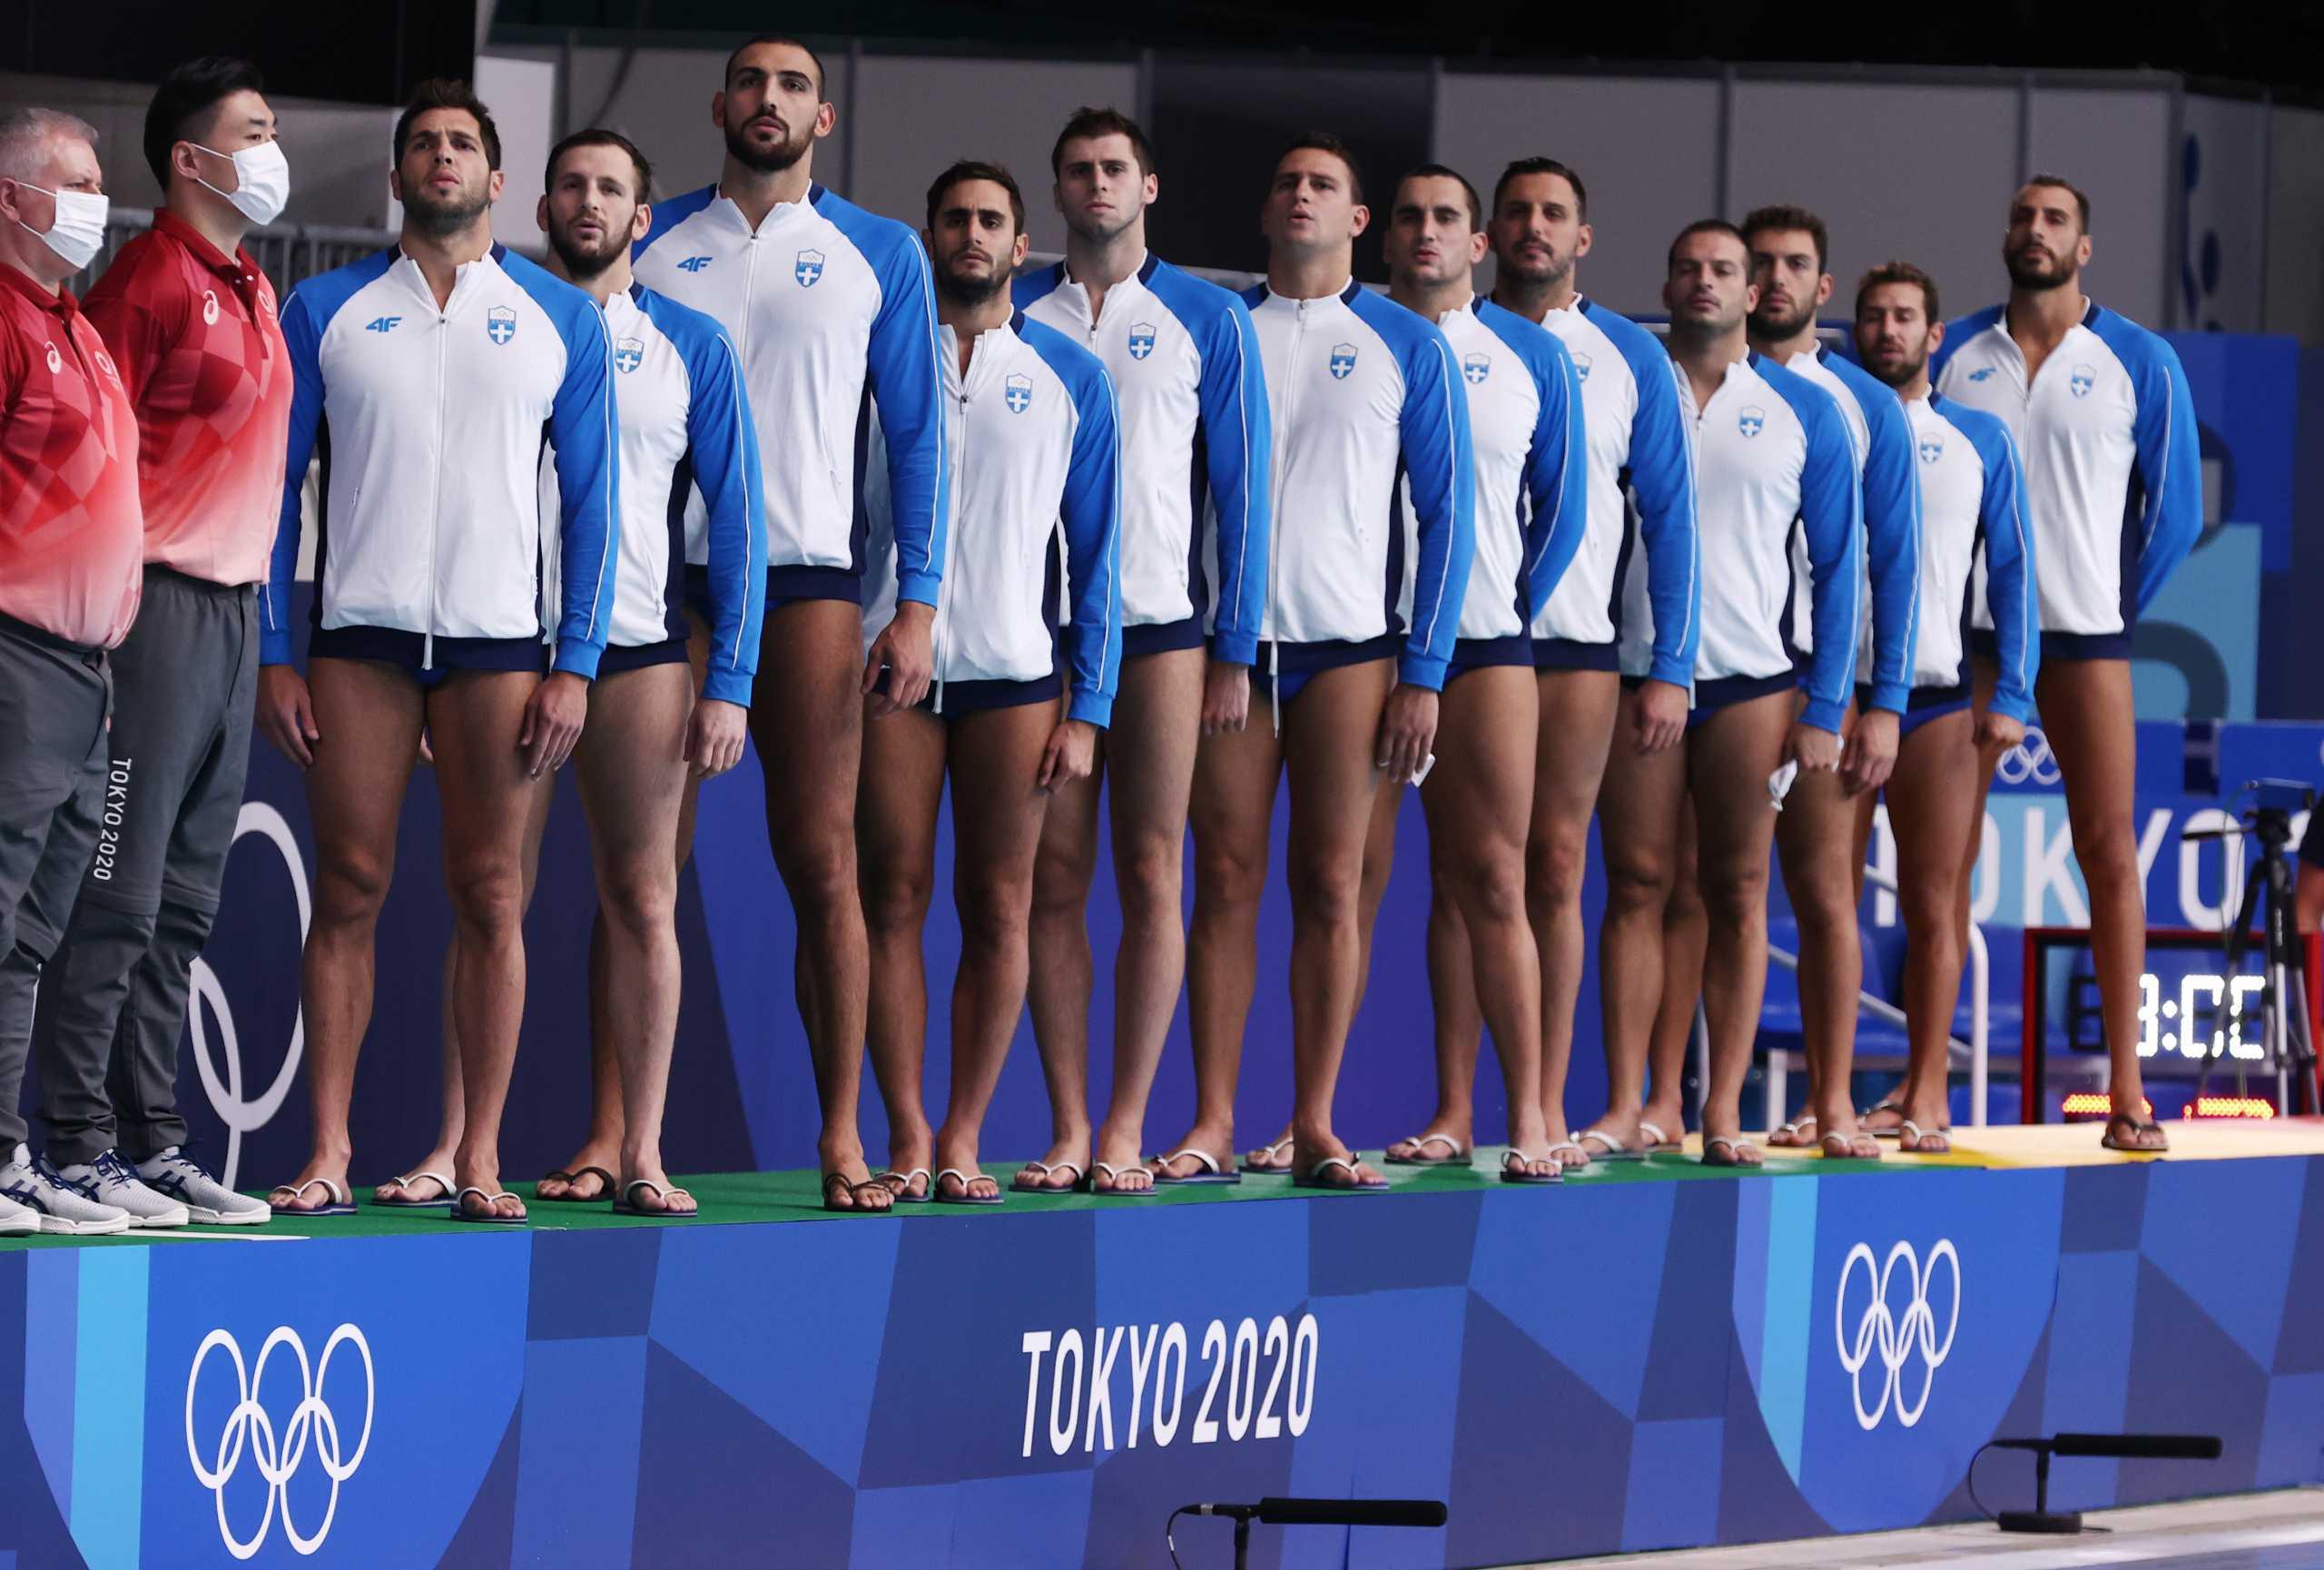 Ολυμπιακοί Αγώνες: Έτοιμη να γράψει ιστορία η εθνική ομάδα πόλο